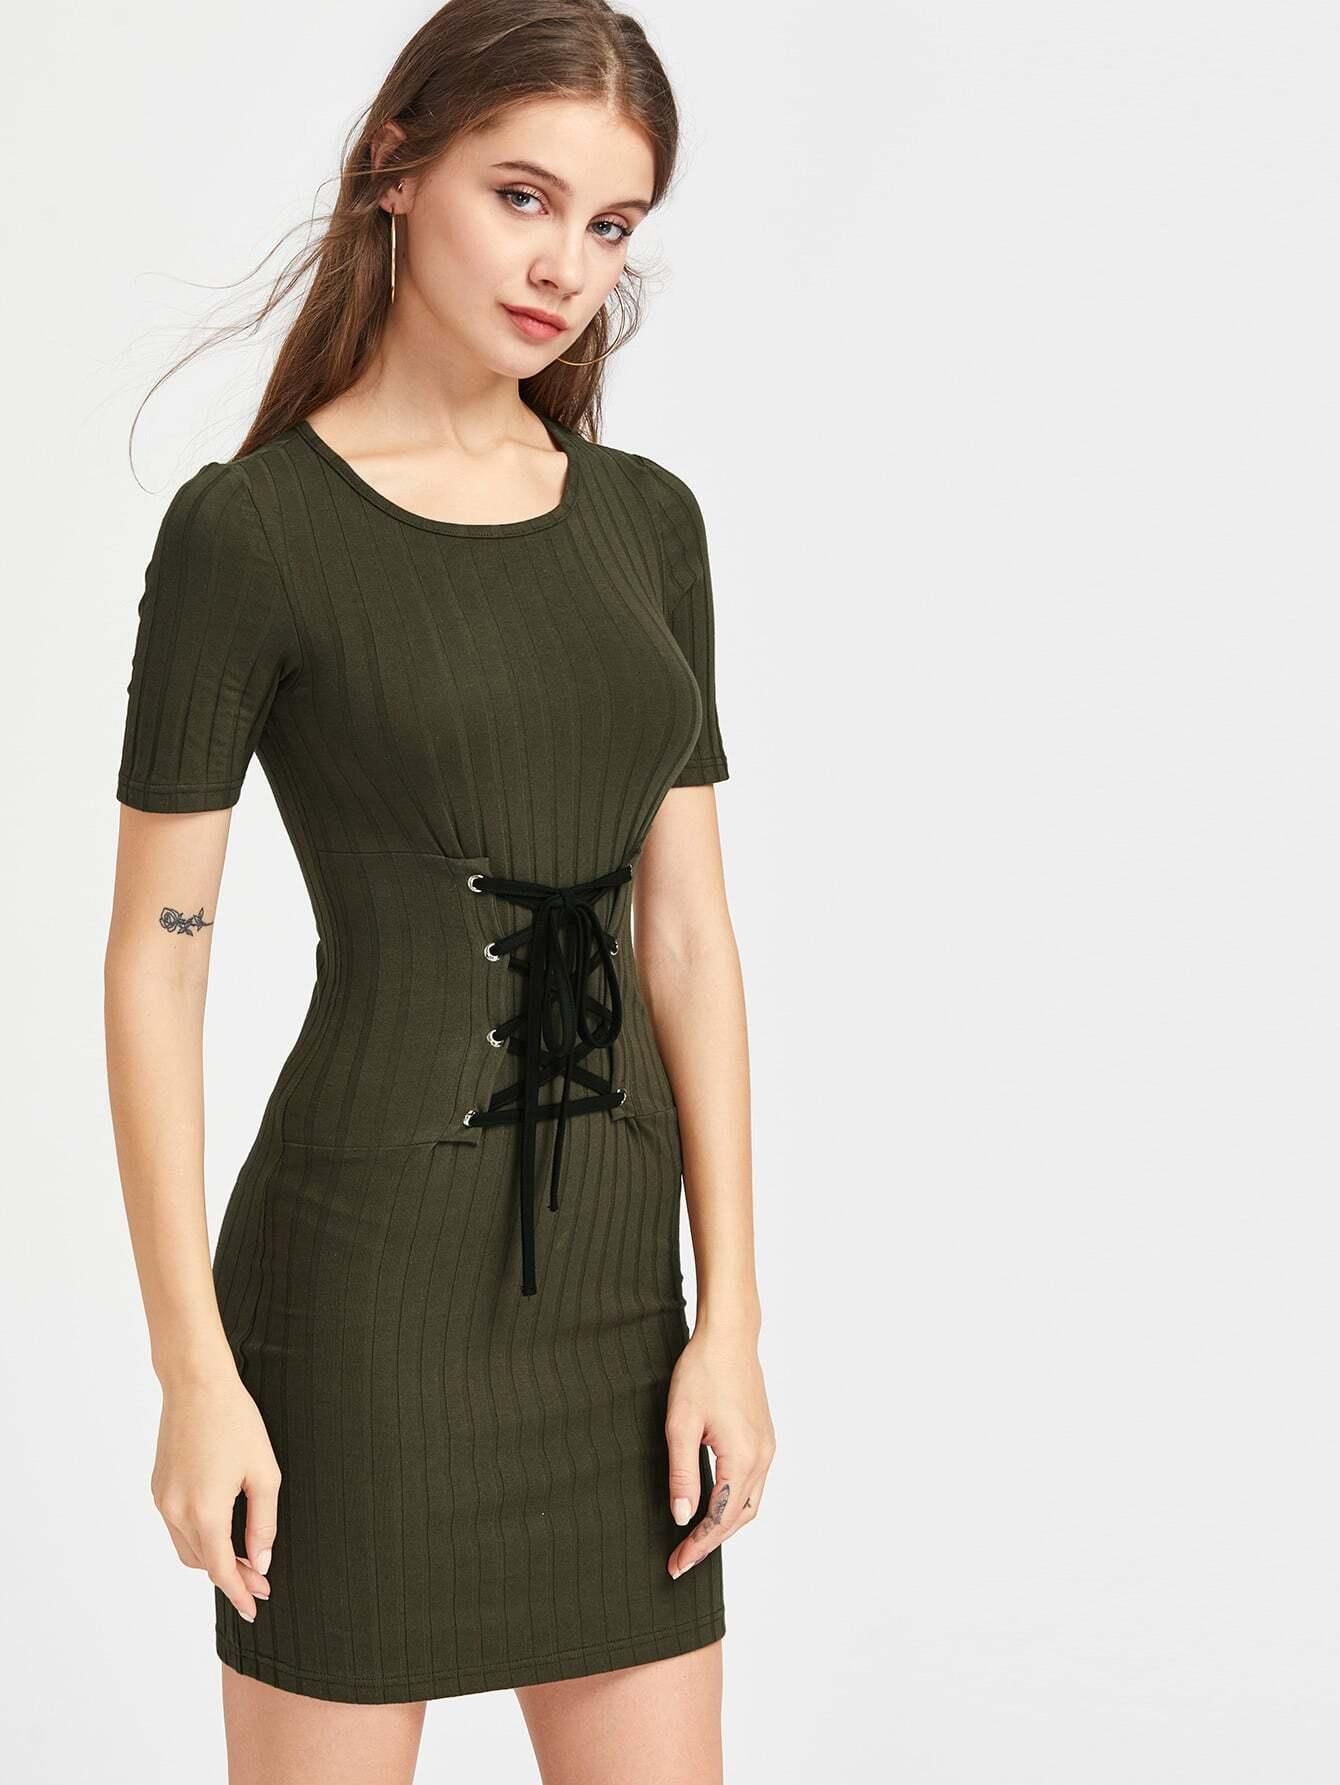 dress170411701_2